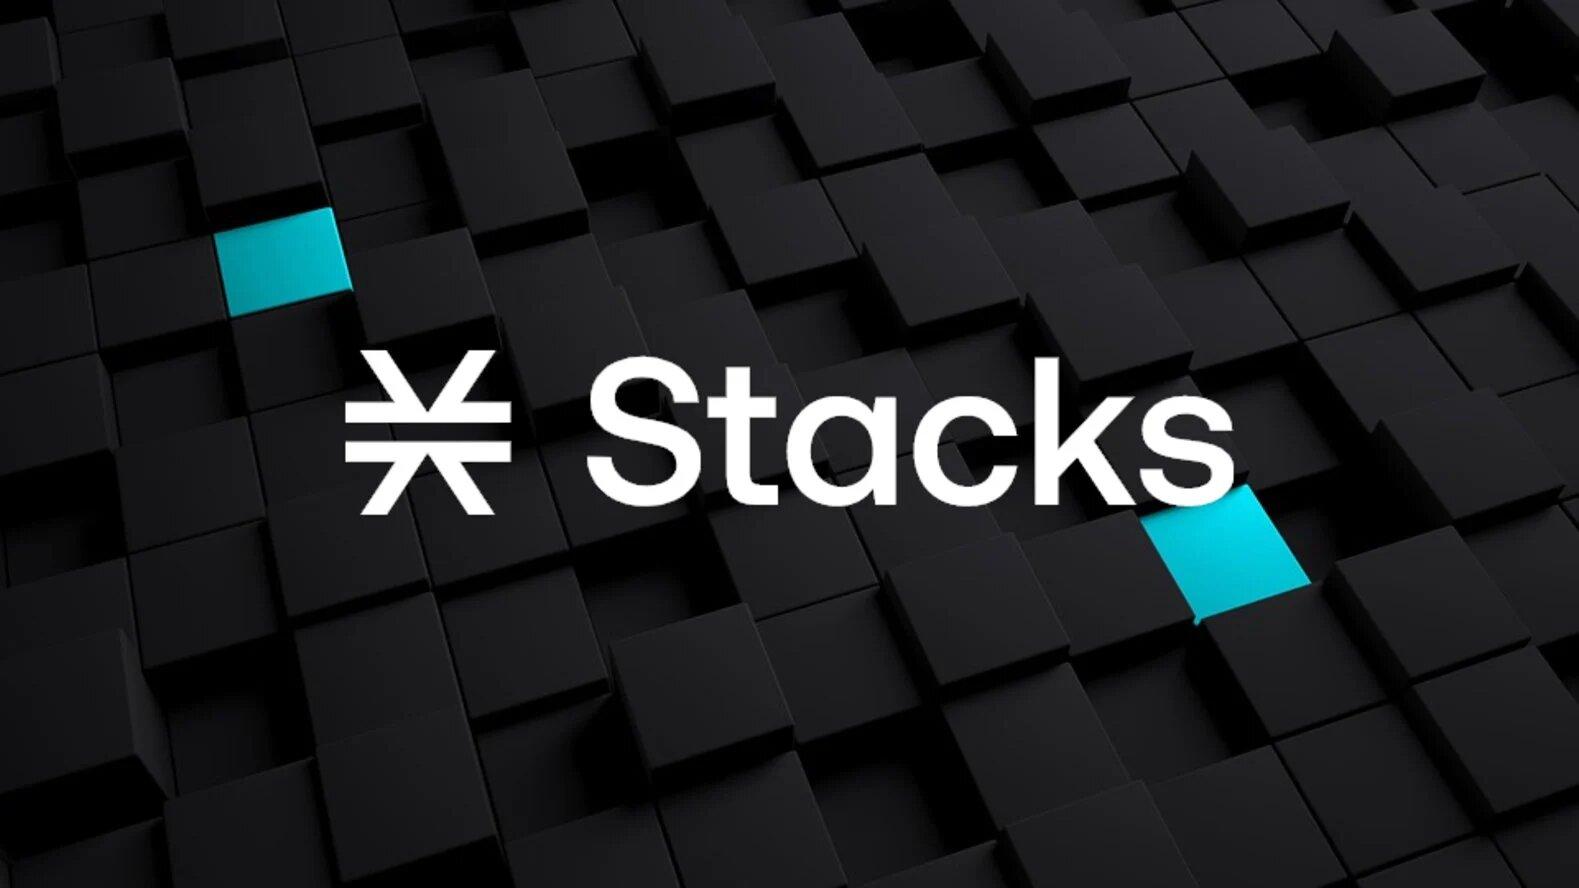 بنیاد استکس 4M$ سرمایه را برای حمایت از سازندگان dApp در شبکه بیت کوین اختصاص میدهد